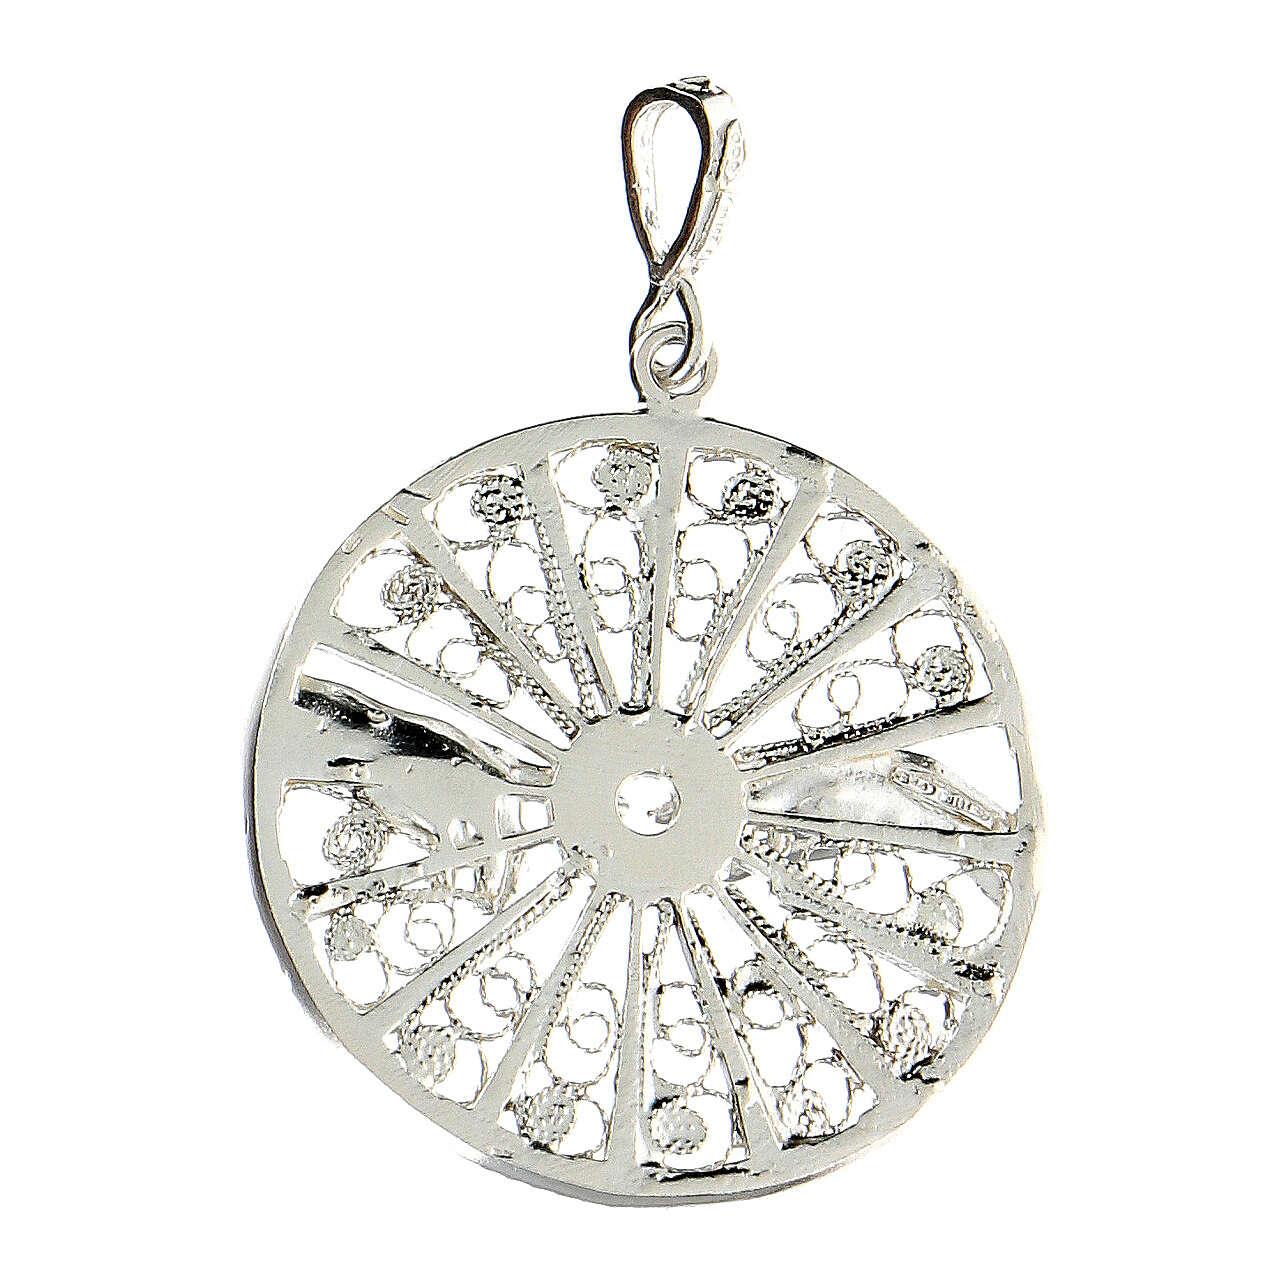 Pendente filigrana argento 925 circolare mani creazione Adamo 4